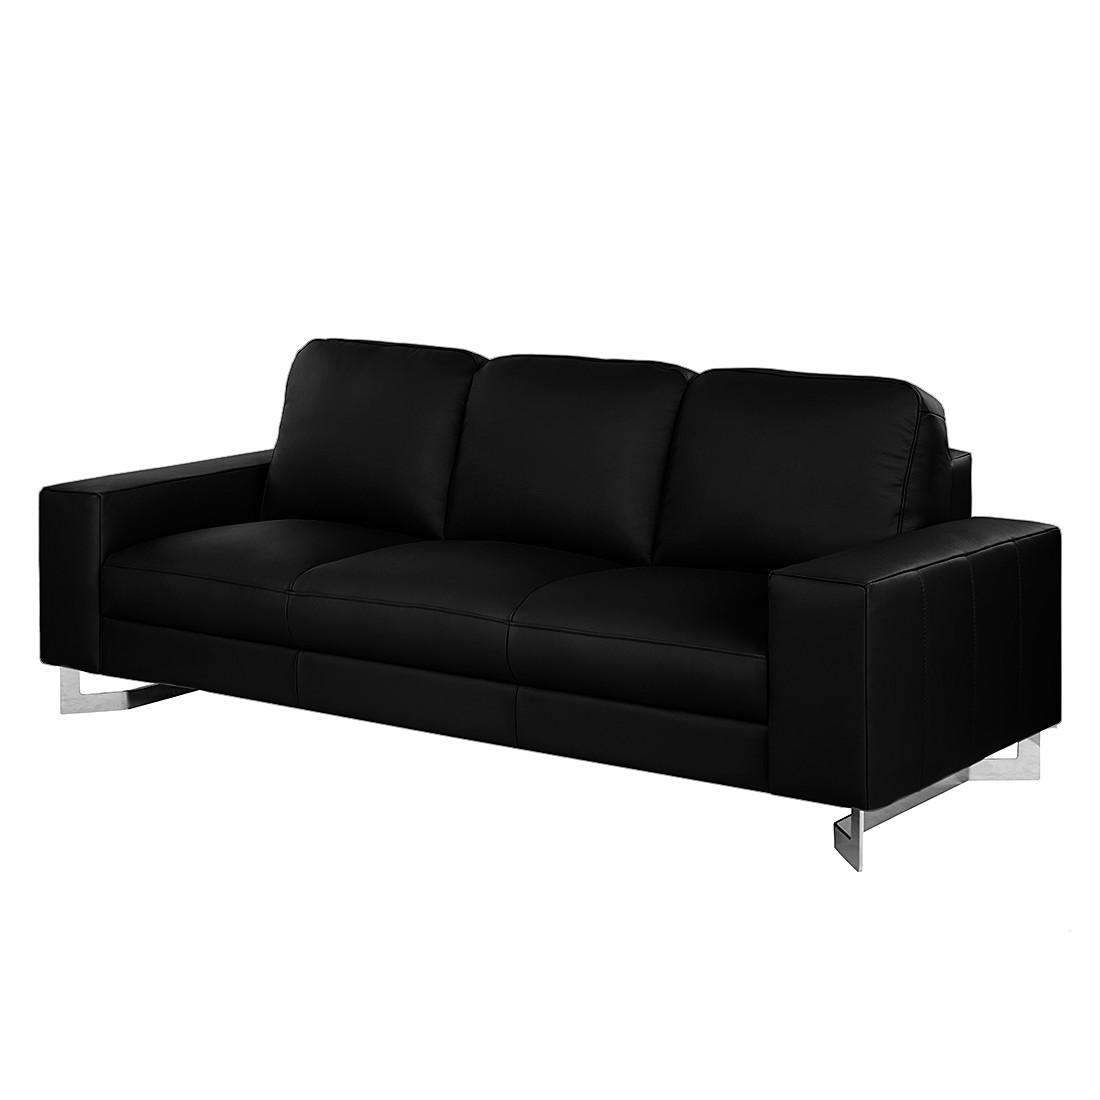 Sofa Licata (3-Sitzer) - Echtleder Schwarz, Nuovoform